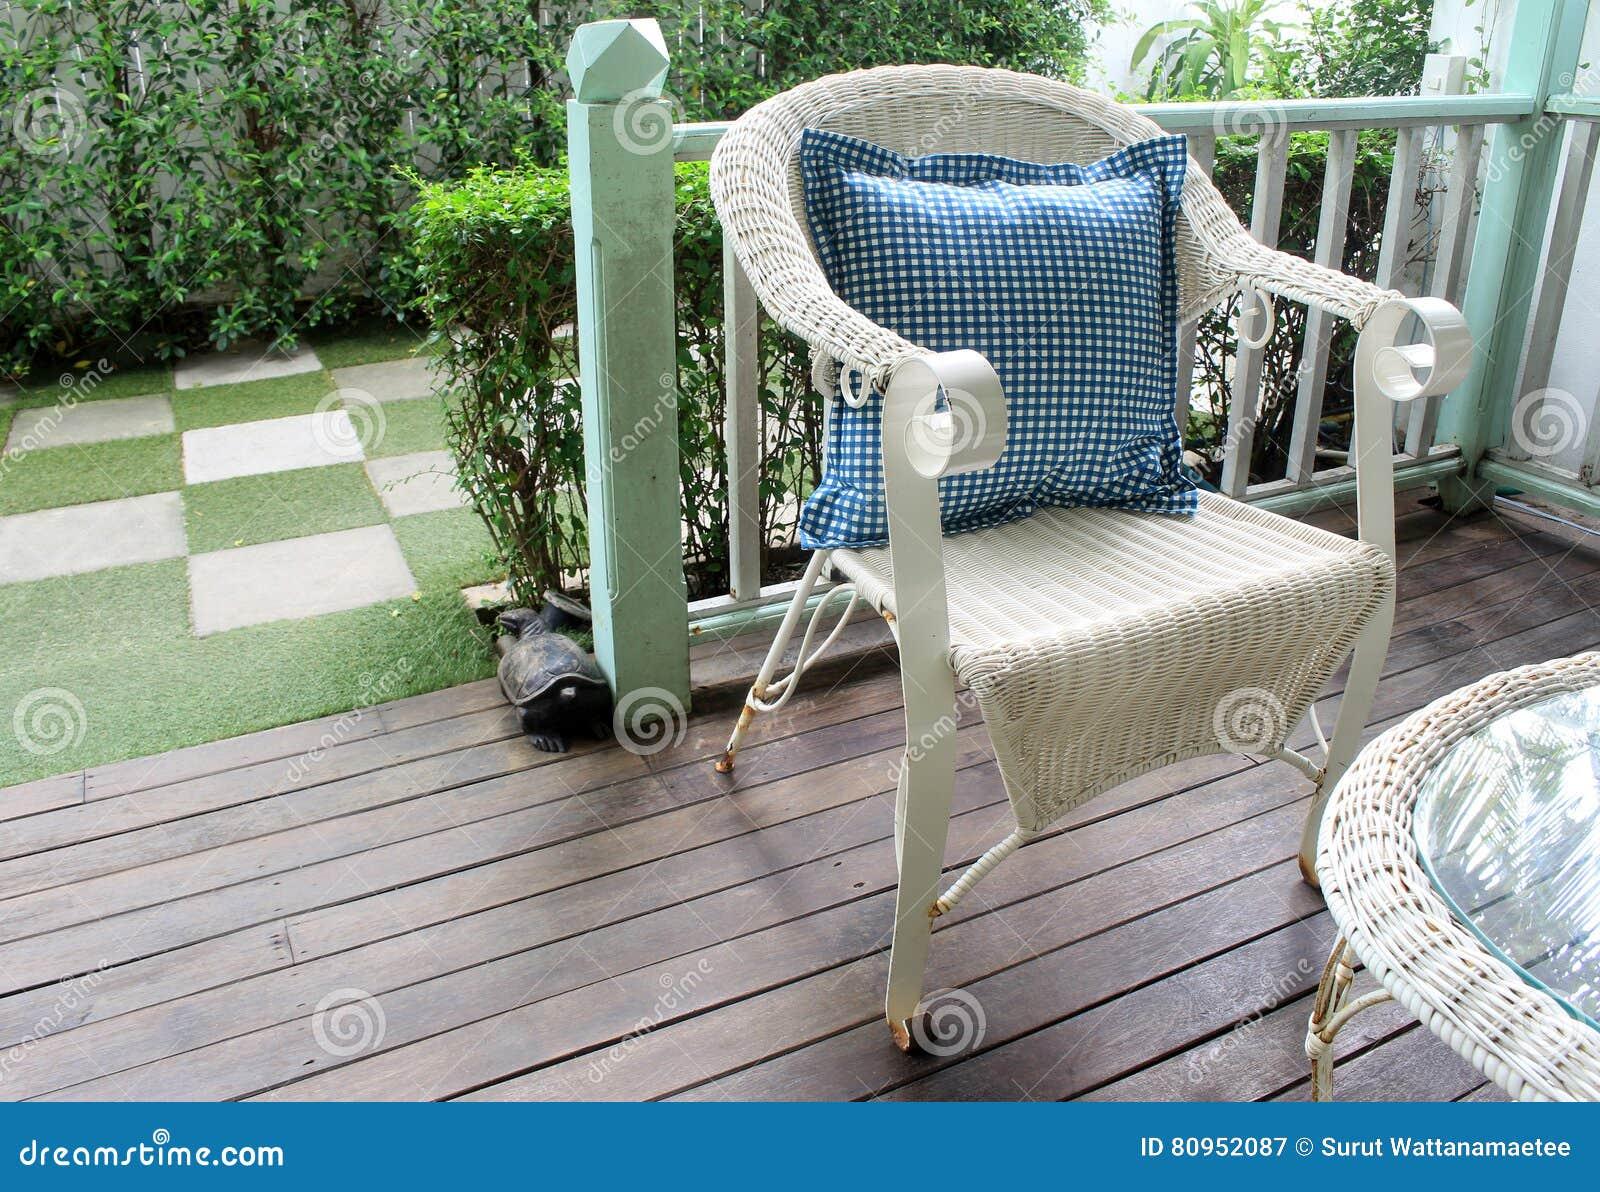 Chaises Dosier Ou De Canne La Chaise Rotin A Plac Dans Station Vacances Vivante Extrieure Jardin